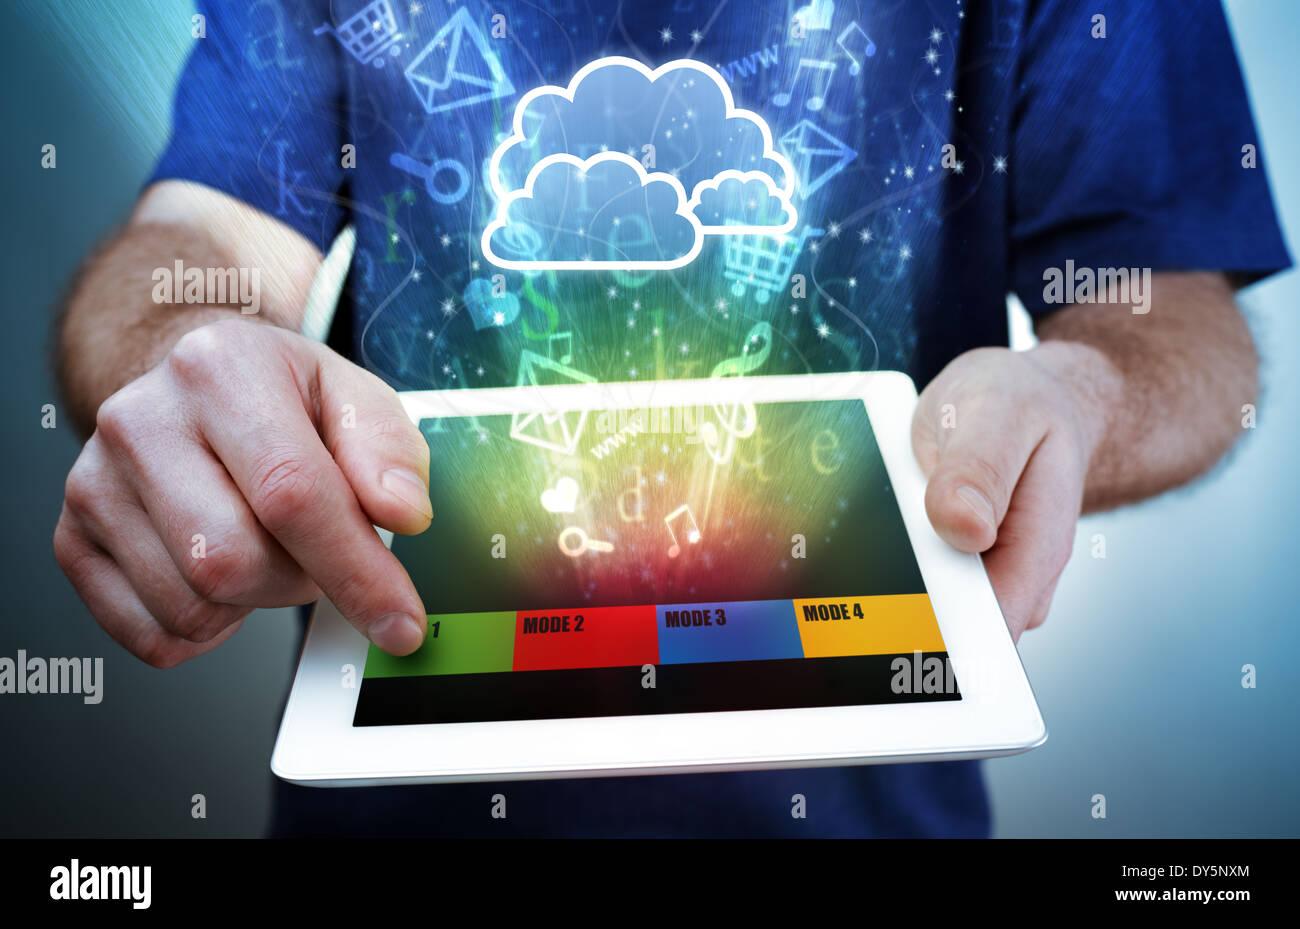 Tavoletta digitale, multimediale e il cloud computing Immagini Stock